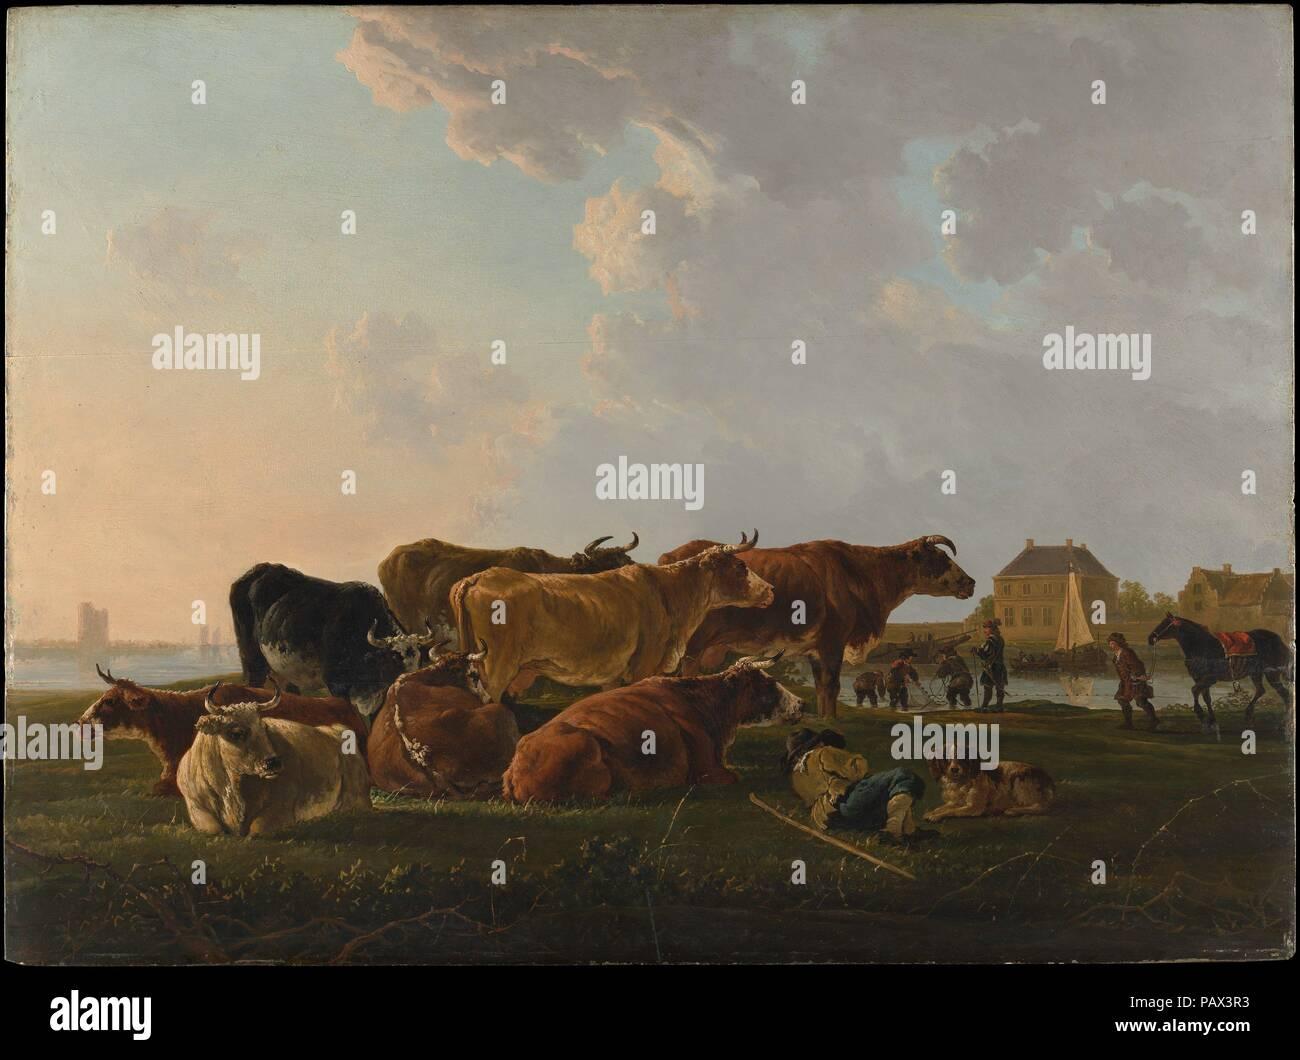 Paysage avec le bétail. Artiste: Jacob van Strij (Néerlandais, Dordrecht Dordrecht 1756-1815). Dimensions: 31 1/2 x 42 1/4 in. (80 x 107,3 cm). Date: probablement ca. 1800. Cette impressionnante de bord porte la signature d'Aelbert Cuyp, et jusqu'à récemment, n'a jamais douté que son travail. Cuyp's peintures ont été largement appréciés dans le dix-huitième siècle, et un certain nombre d'imitateurs. Les plus capables d'entre eux, Jacob van Strij, est très probablement l'auteur de cette photo. Parmi les qualités qui indiquent une dix-huitième-siècle, le peintre sont le traitement de l'empâtement les nuages, les faits saillants, le simplifié Photo Stock